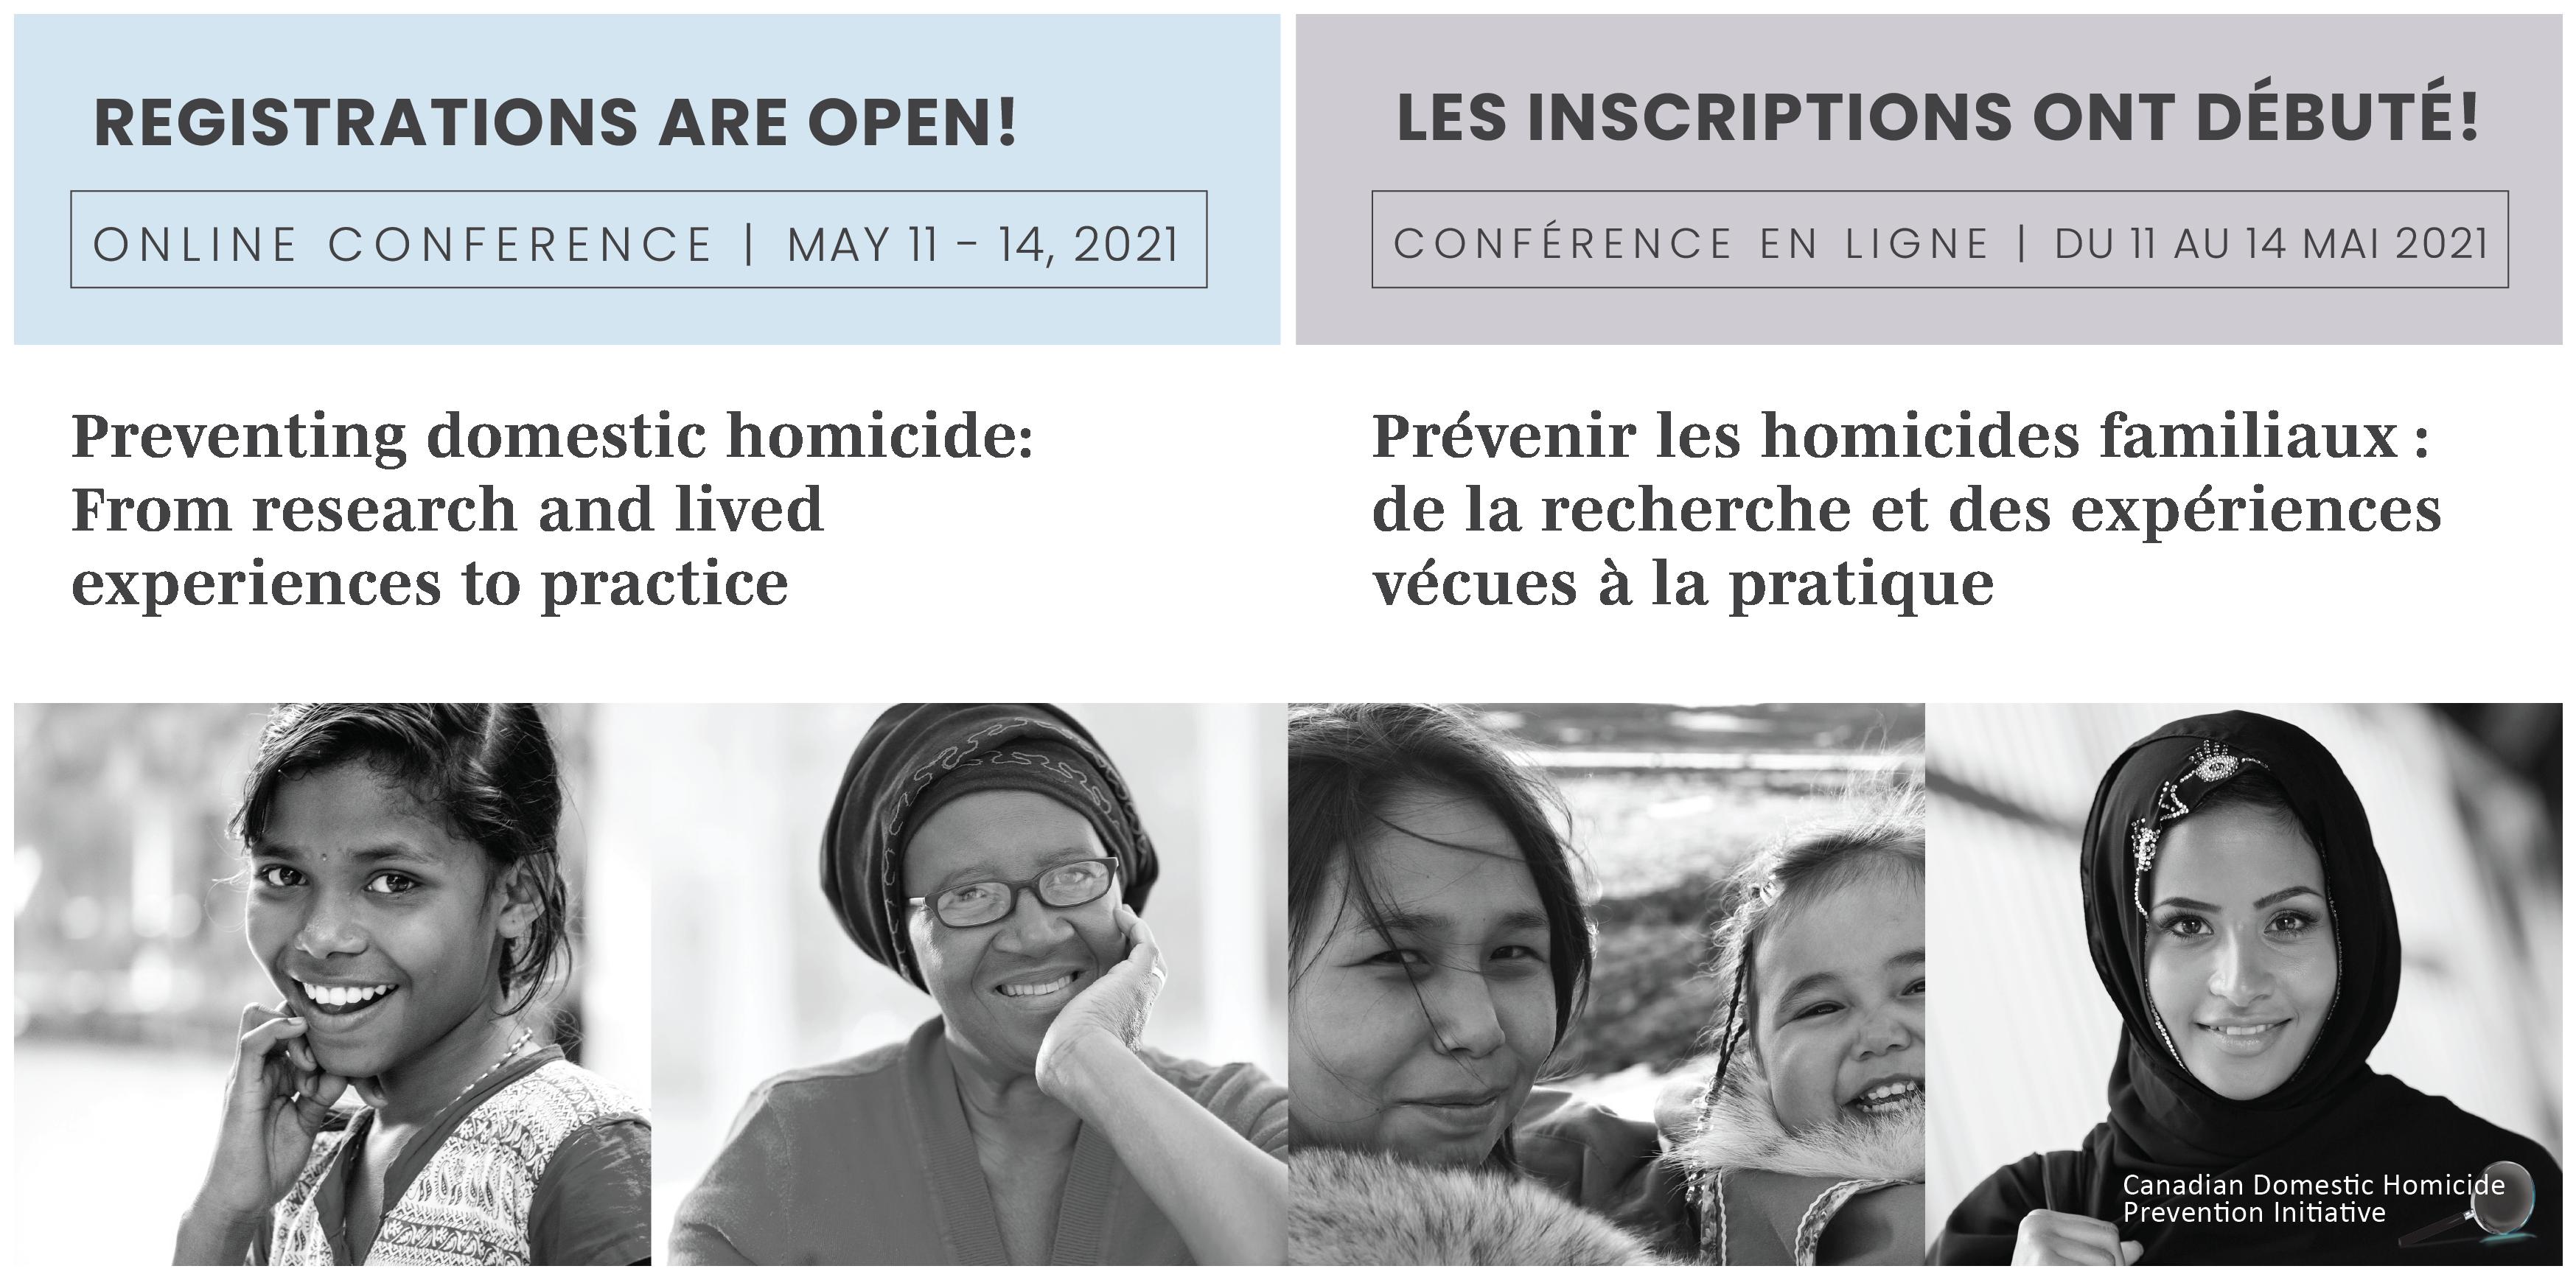 Register here, Inscrivez-vousici